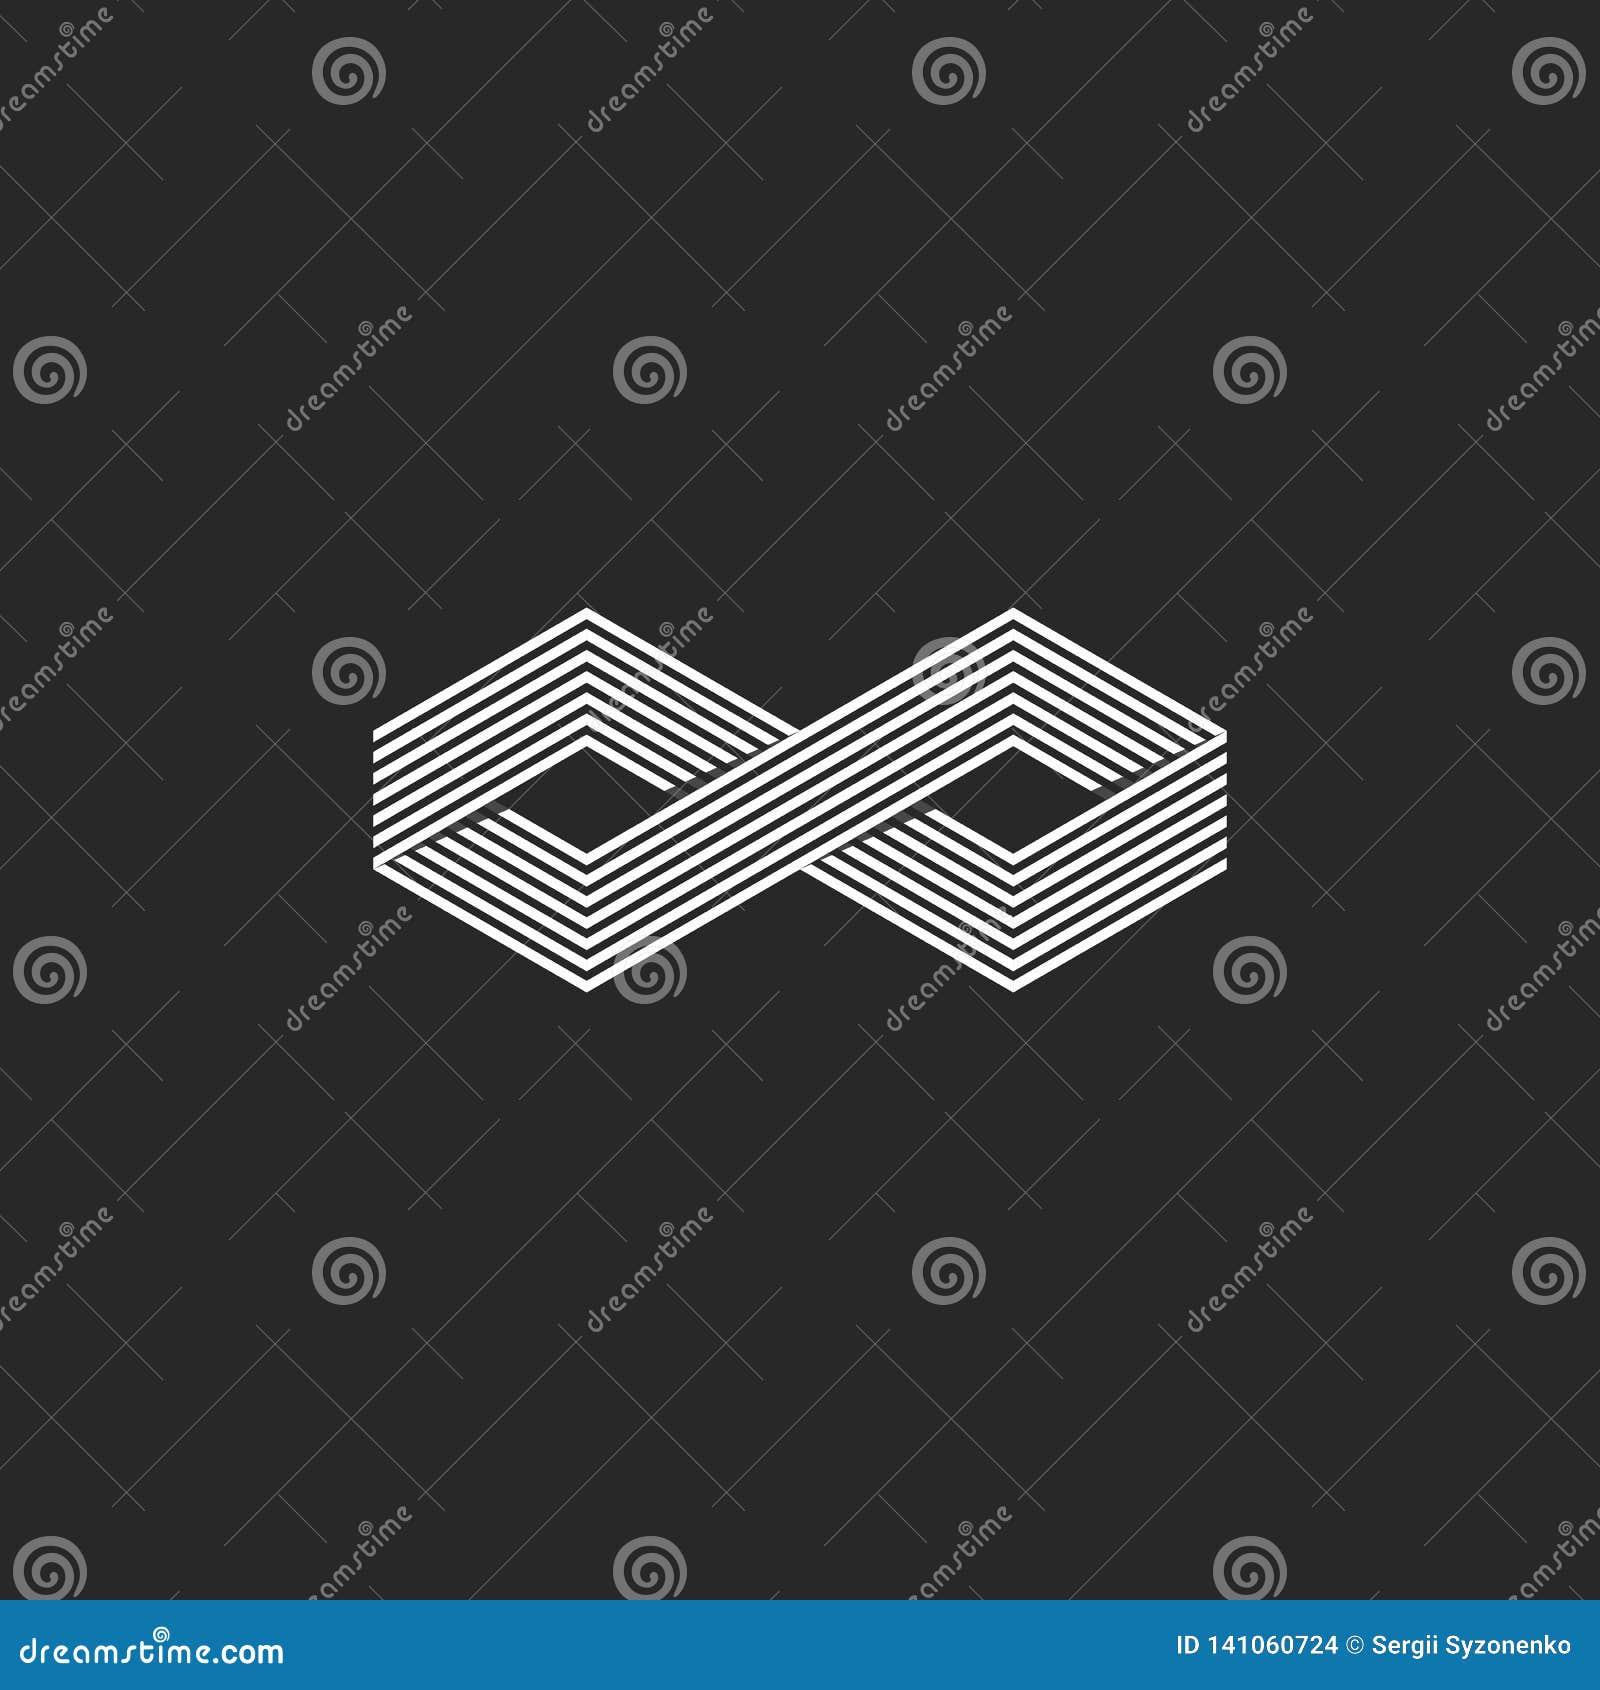 Símbolo infinito isométrico do logotipo de dois cubos, forma geométrica da infinidade que sobrepõe o elemento linear do projeto,